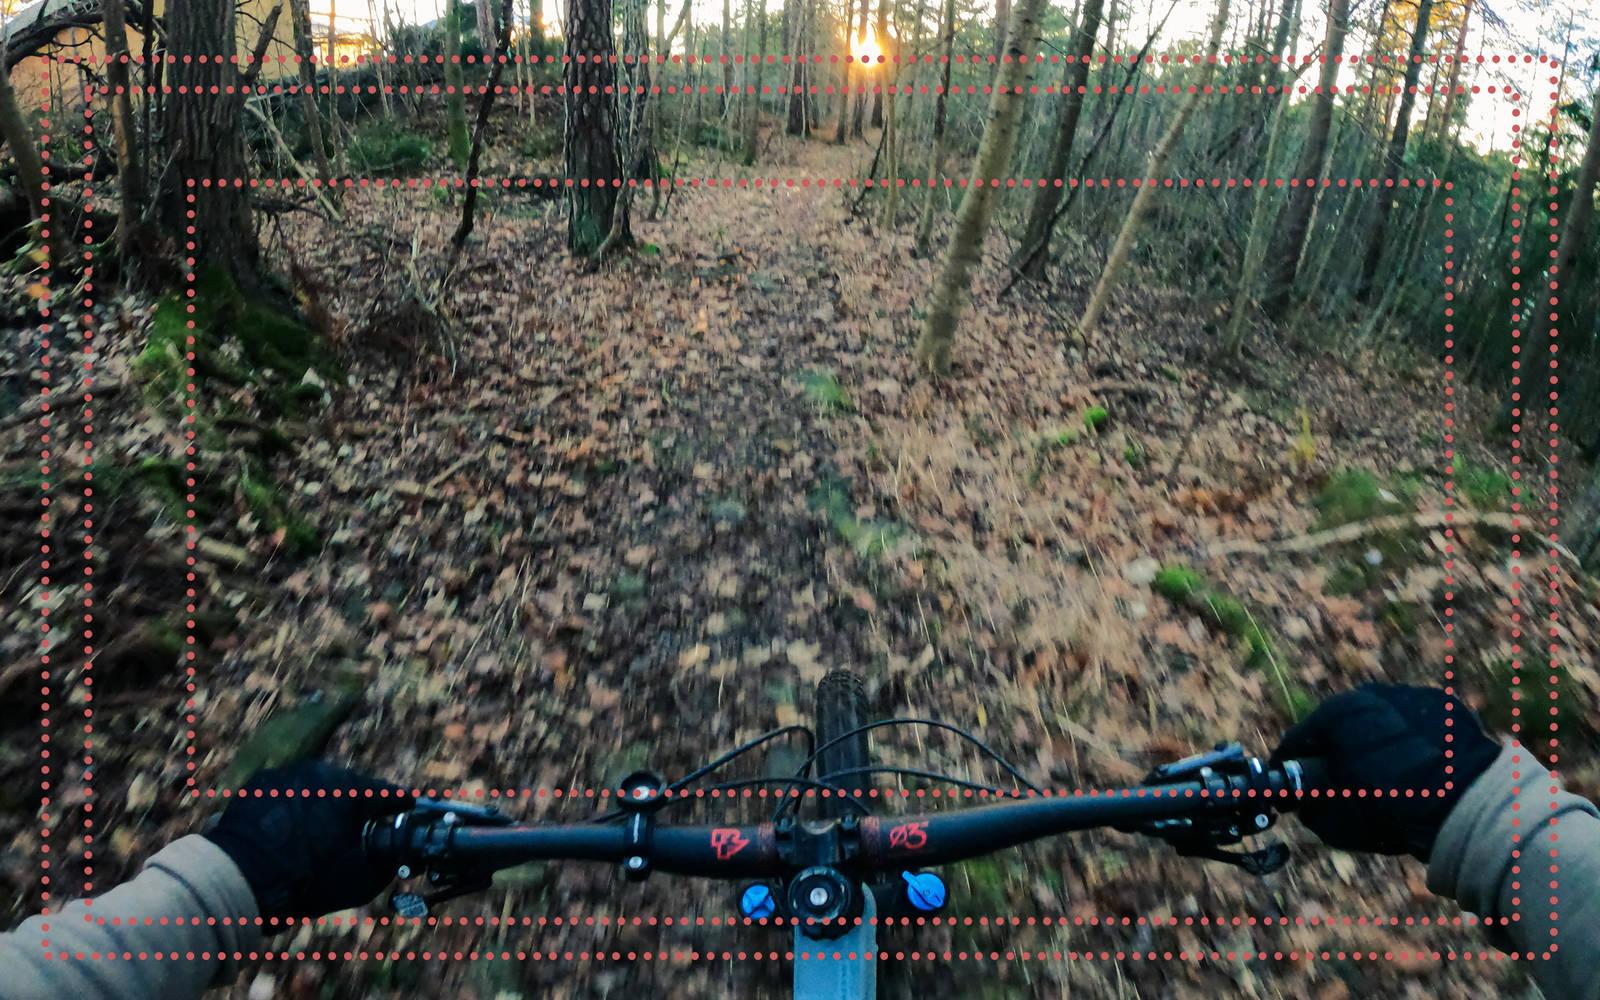 GoPro vidvinkel Superview